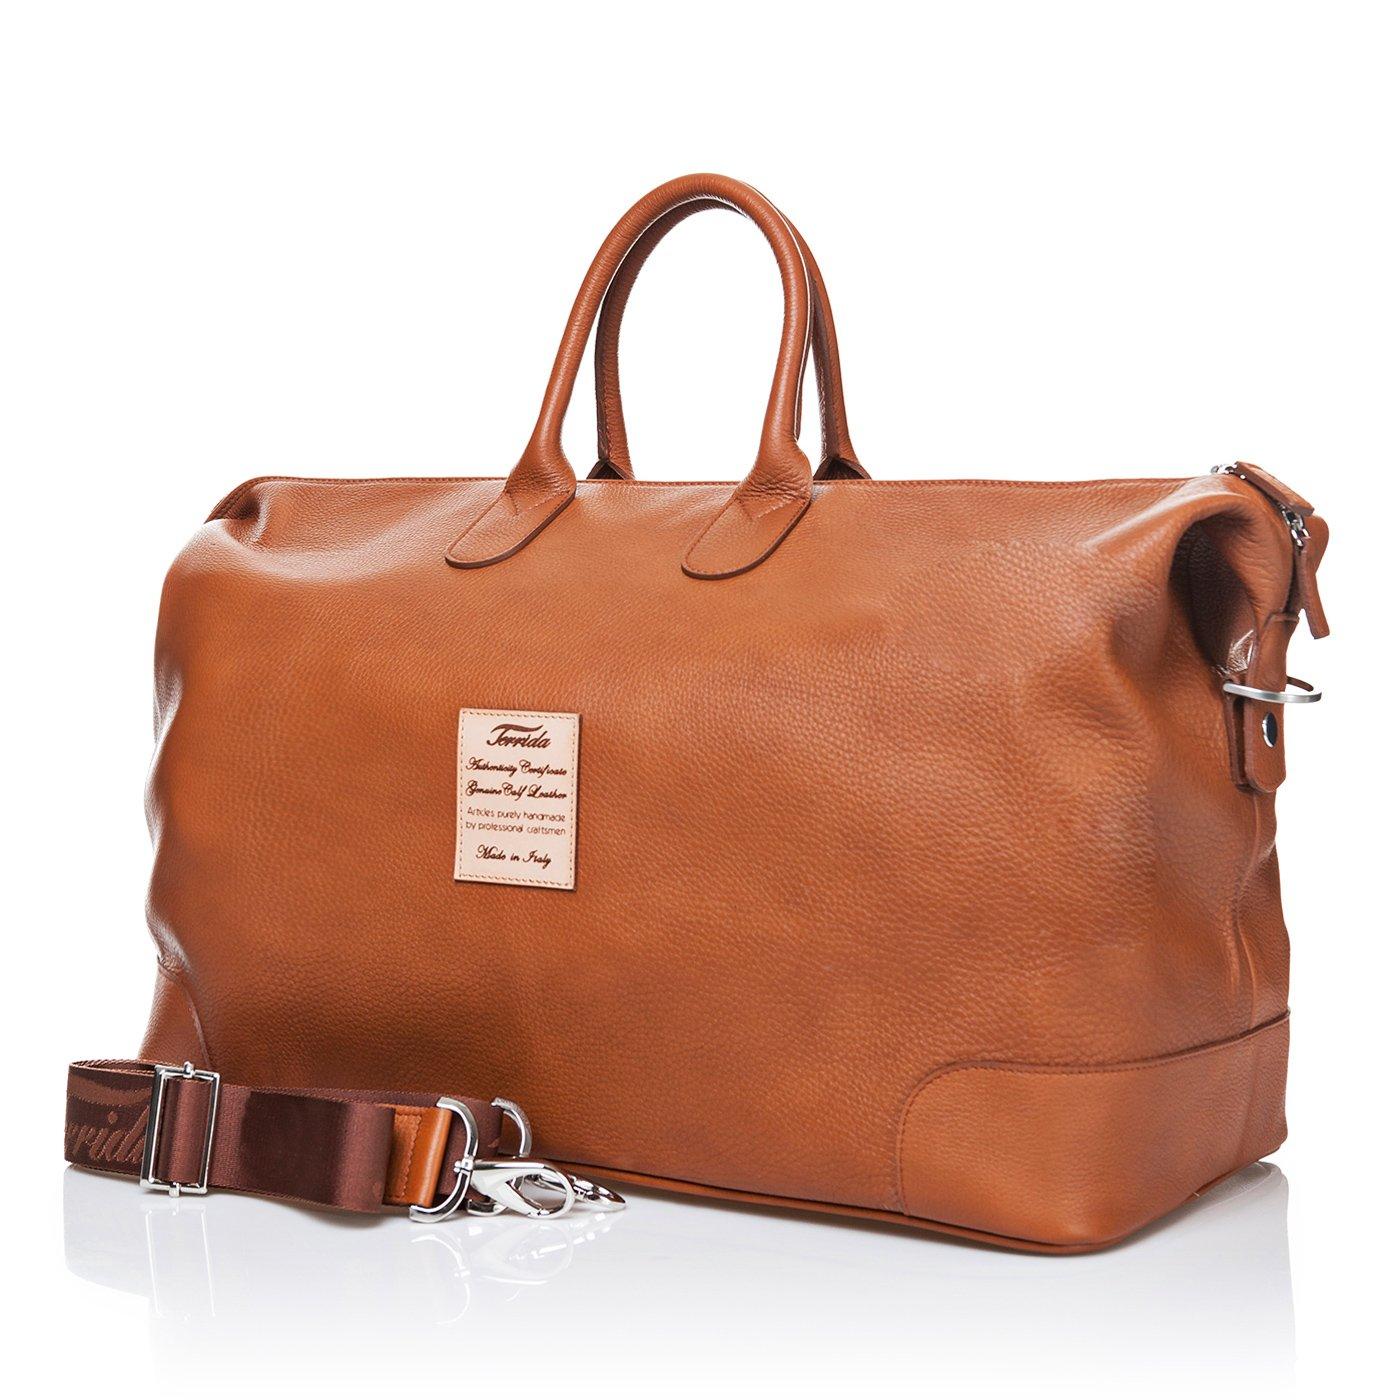 d1297a6e6ea Terrida Marco Polo duffle bag - LE038 (Cuoio): Amazon.ca: Luggage & Bags